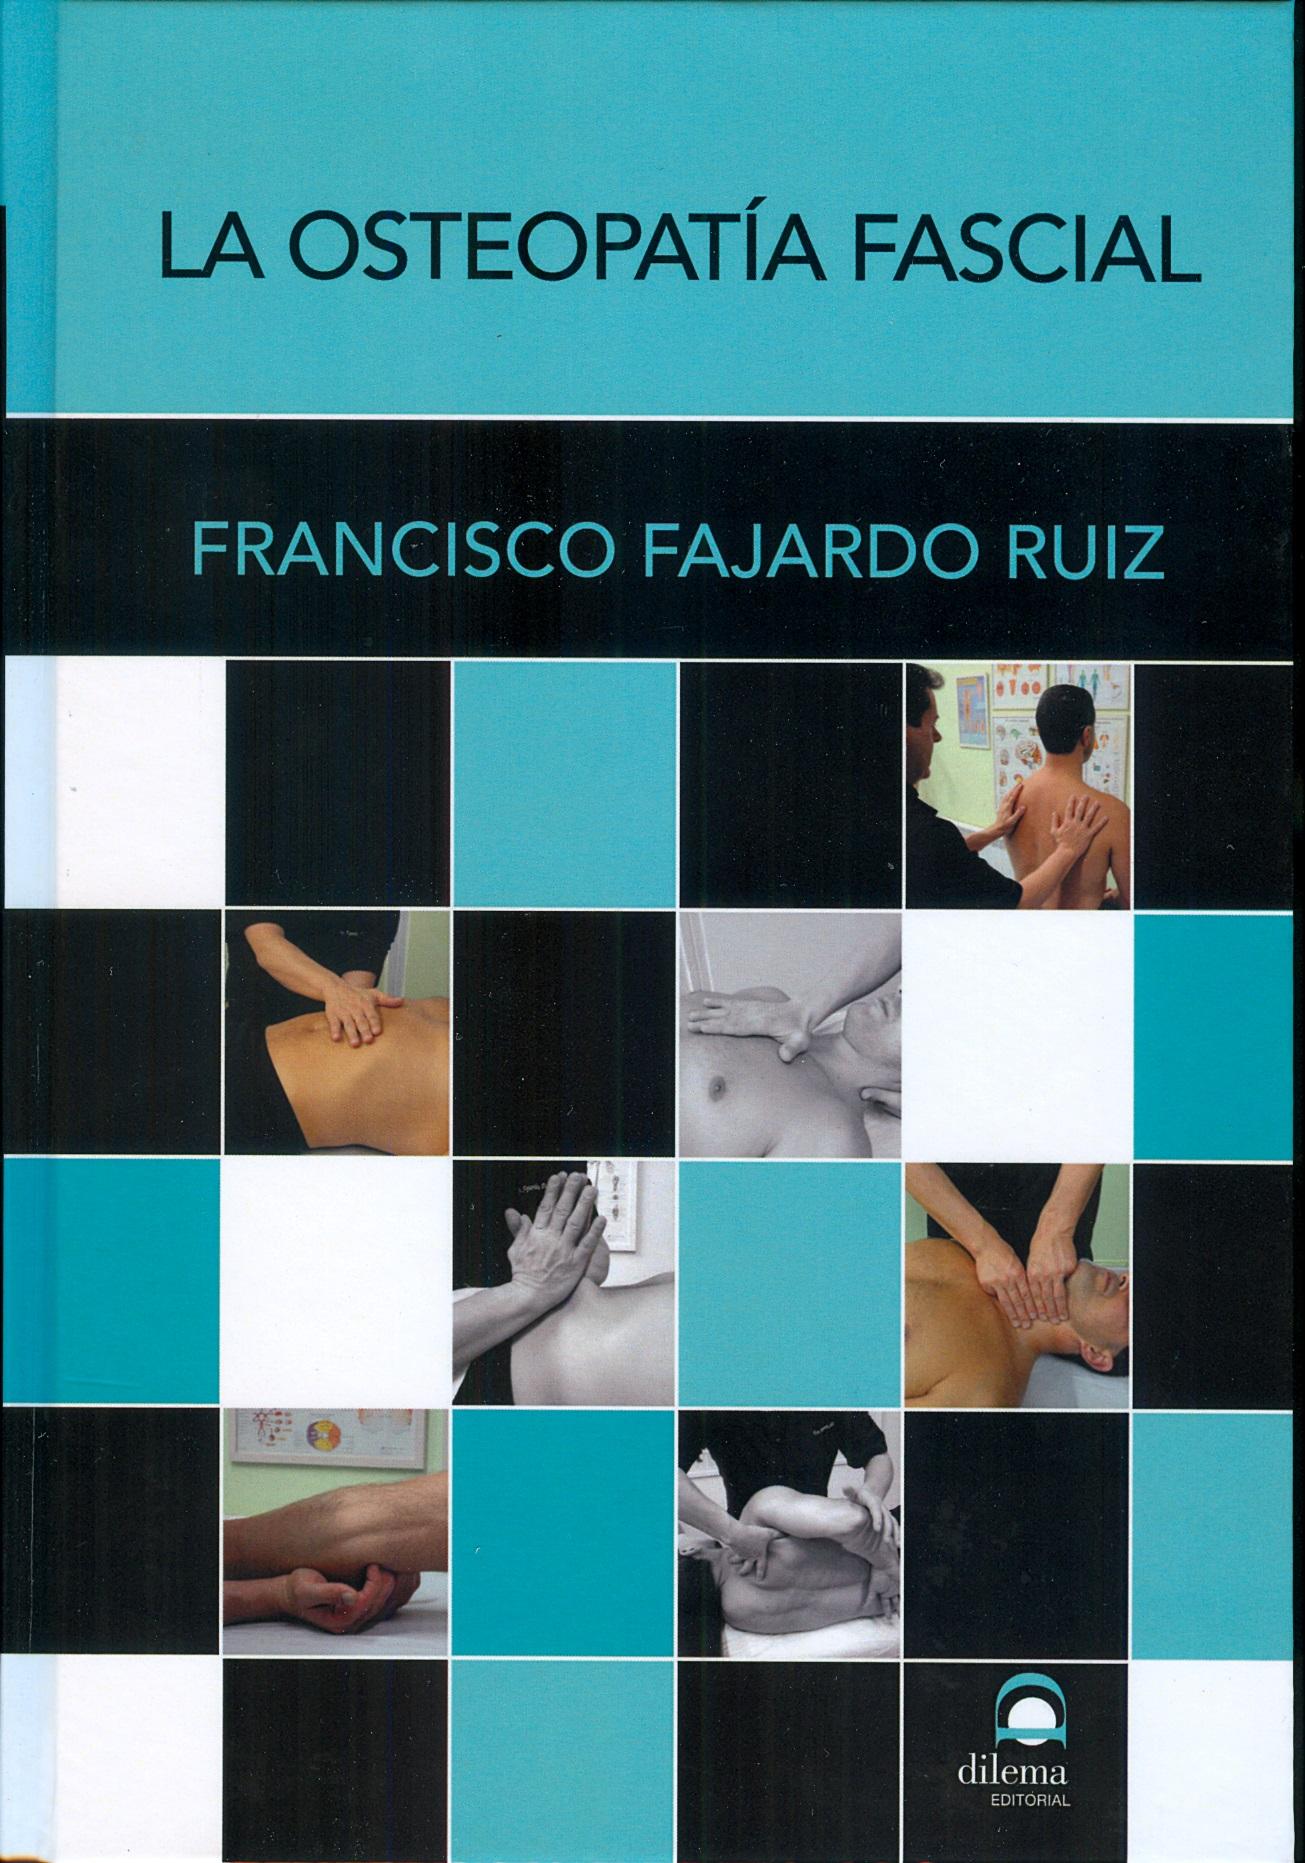 La osteopatia Fascial Image